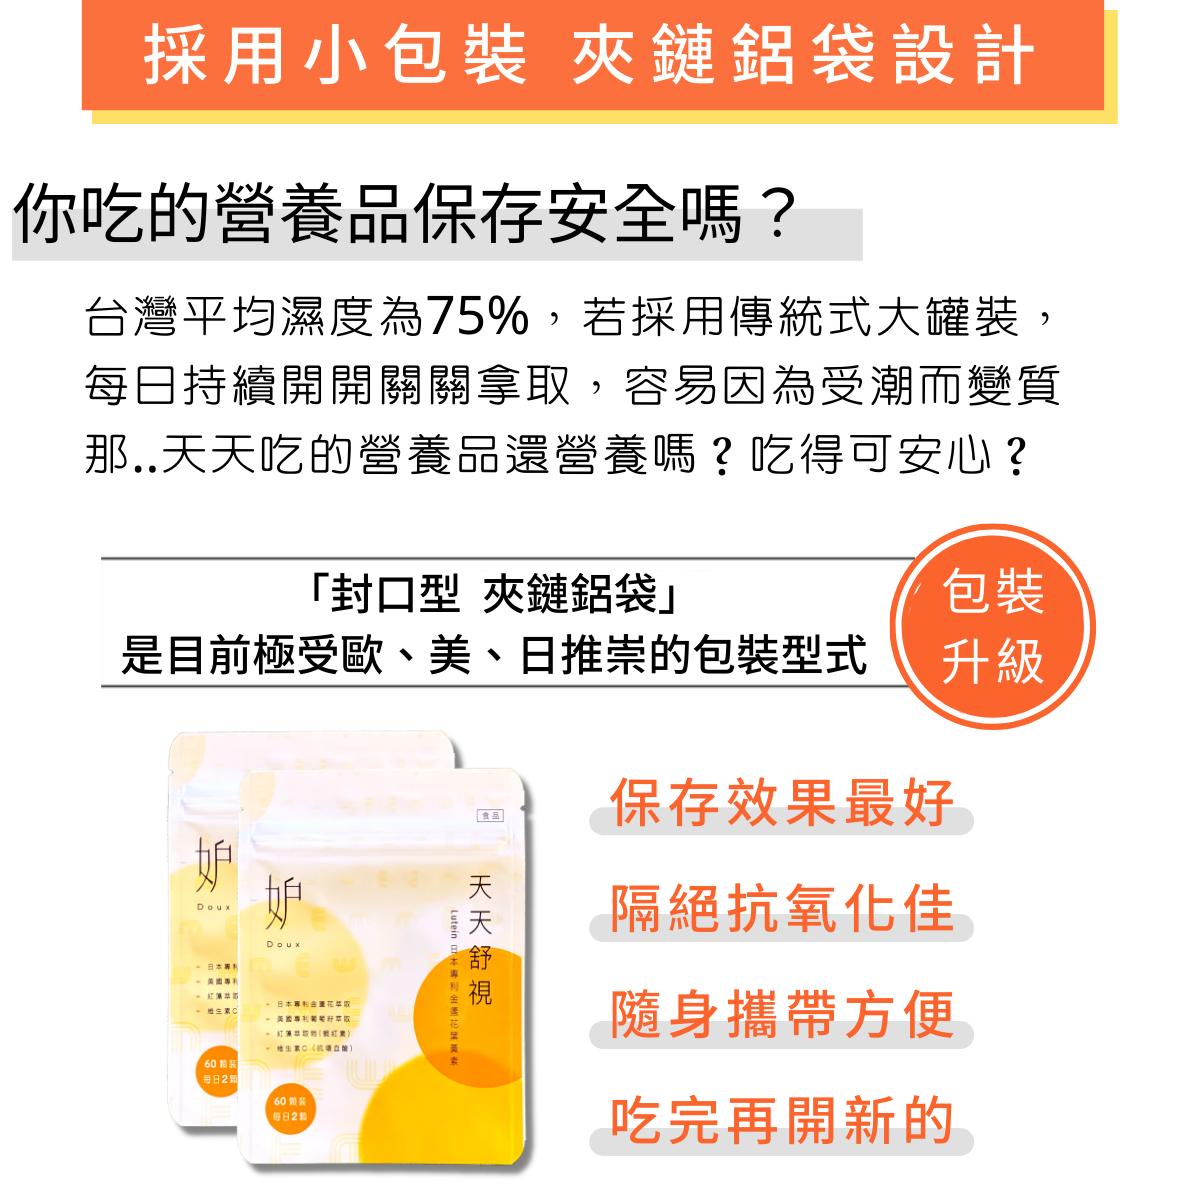 天天舒視 複方葉黃素膠囊:小包裝好攜帶,抗氧化維持產品穩定。